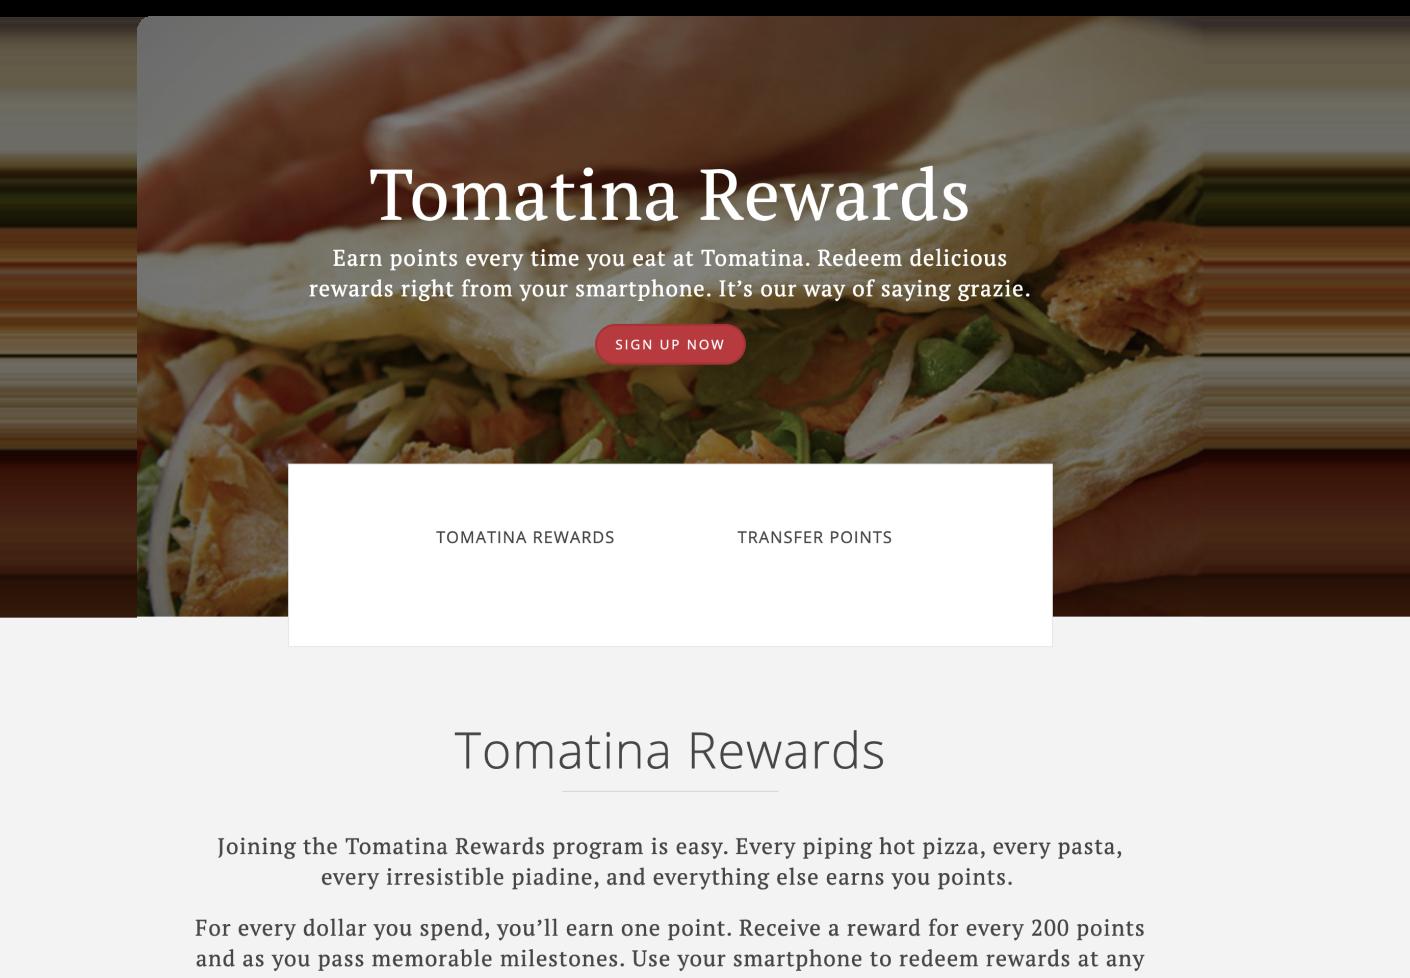 Tomatina loyalty program sign up page screenshot